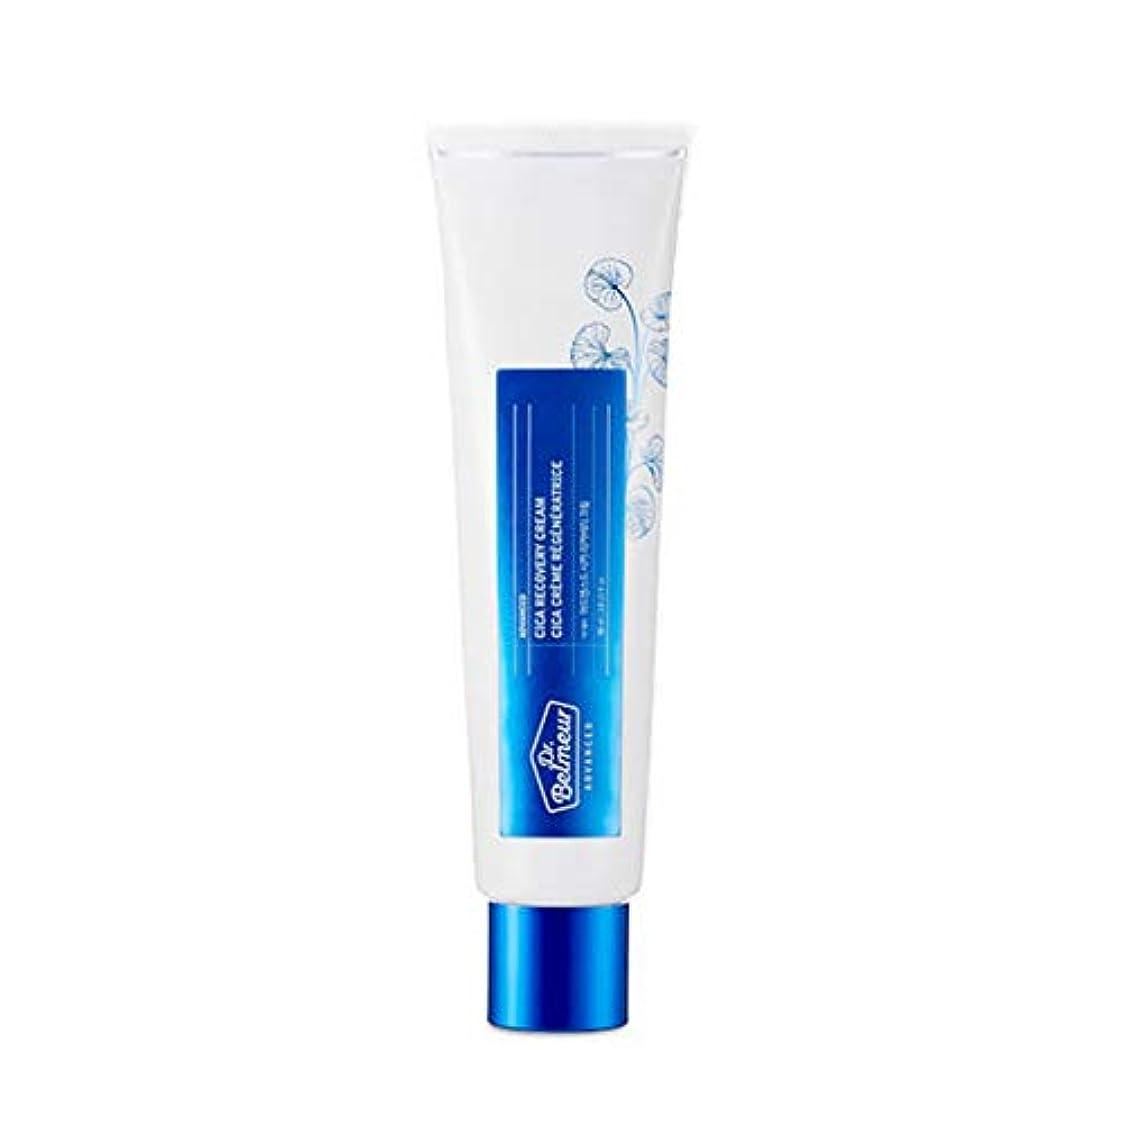 比較柱食用ザ?フェイスショップドクターベルモアドバンスドシカリカバリークリーム60ml 韓国コスメ、The Face Shop Dr.Belmeur Advanced Cica Recovery Cream 60ml Korean...